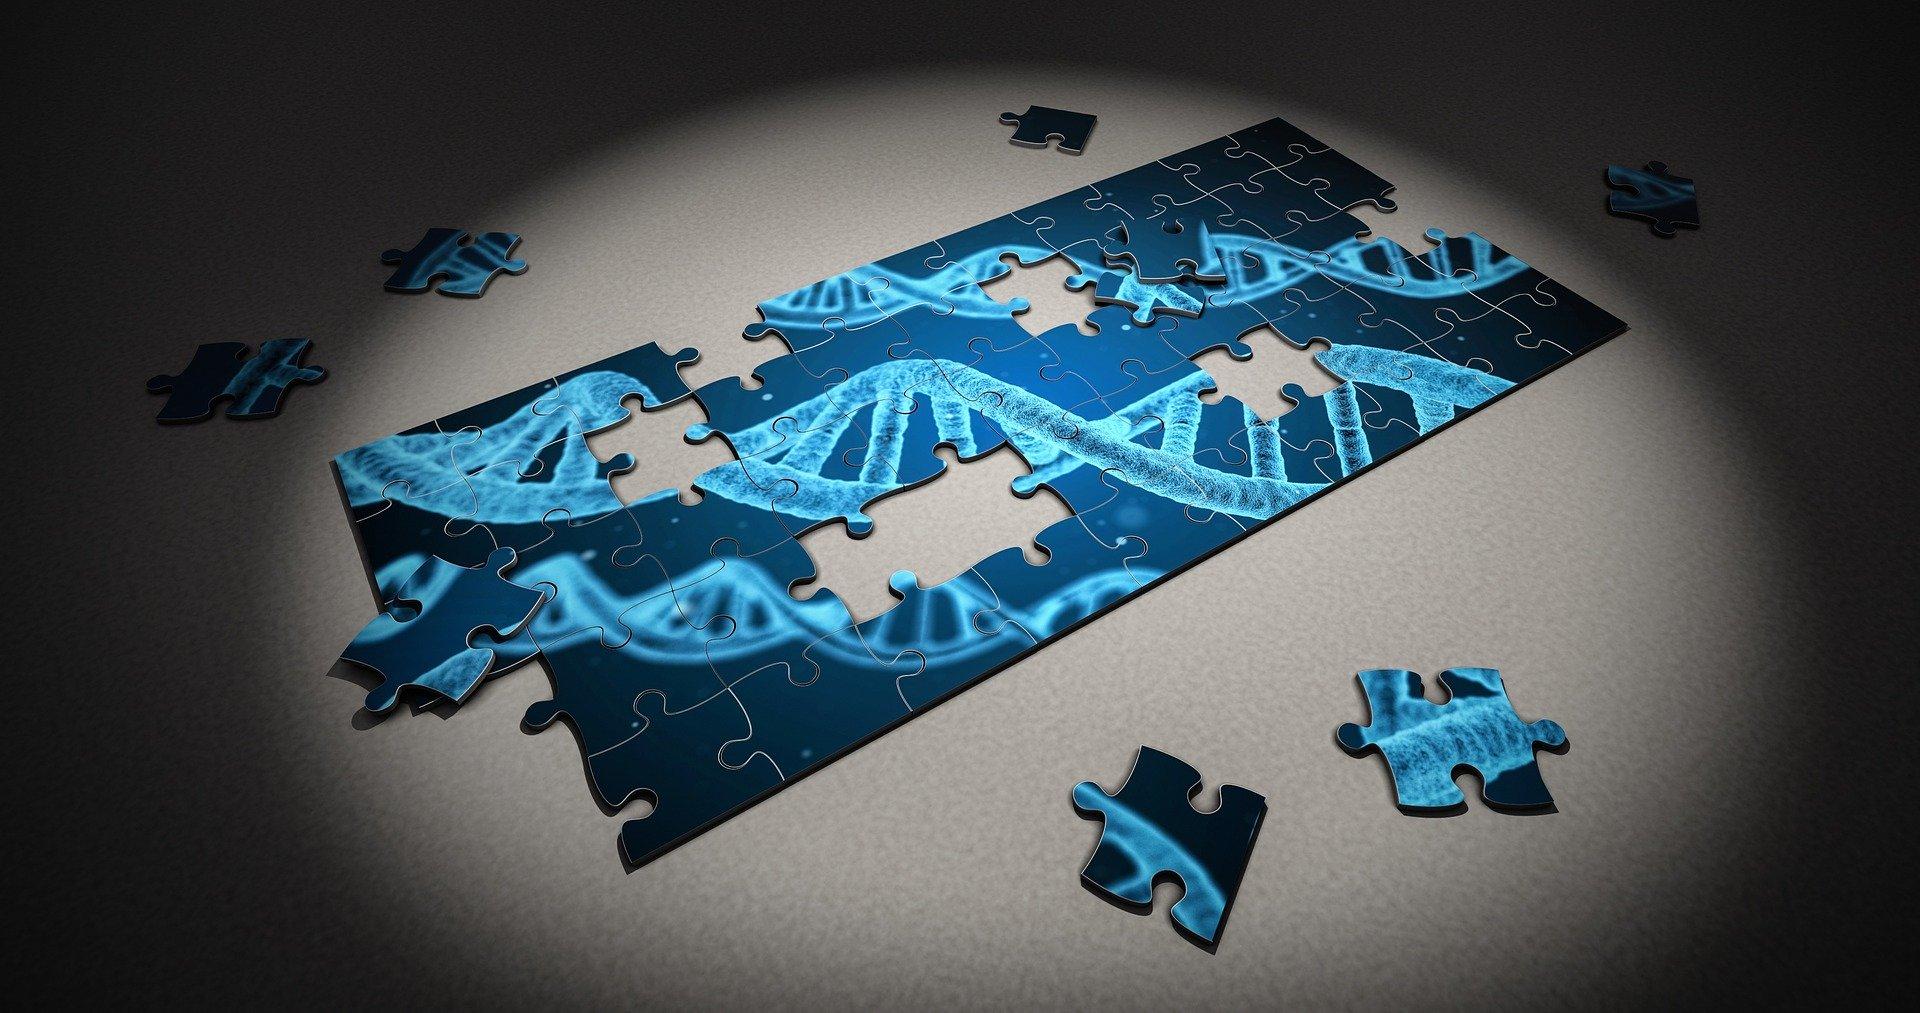 Mutatiile genetice